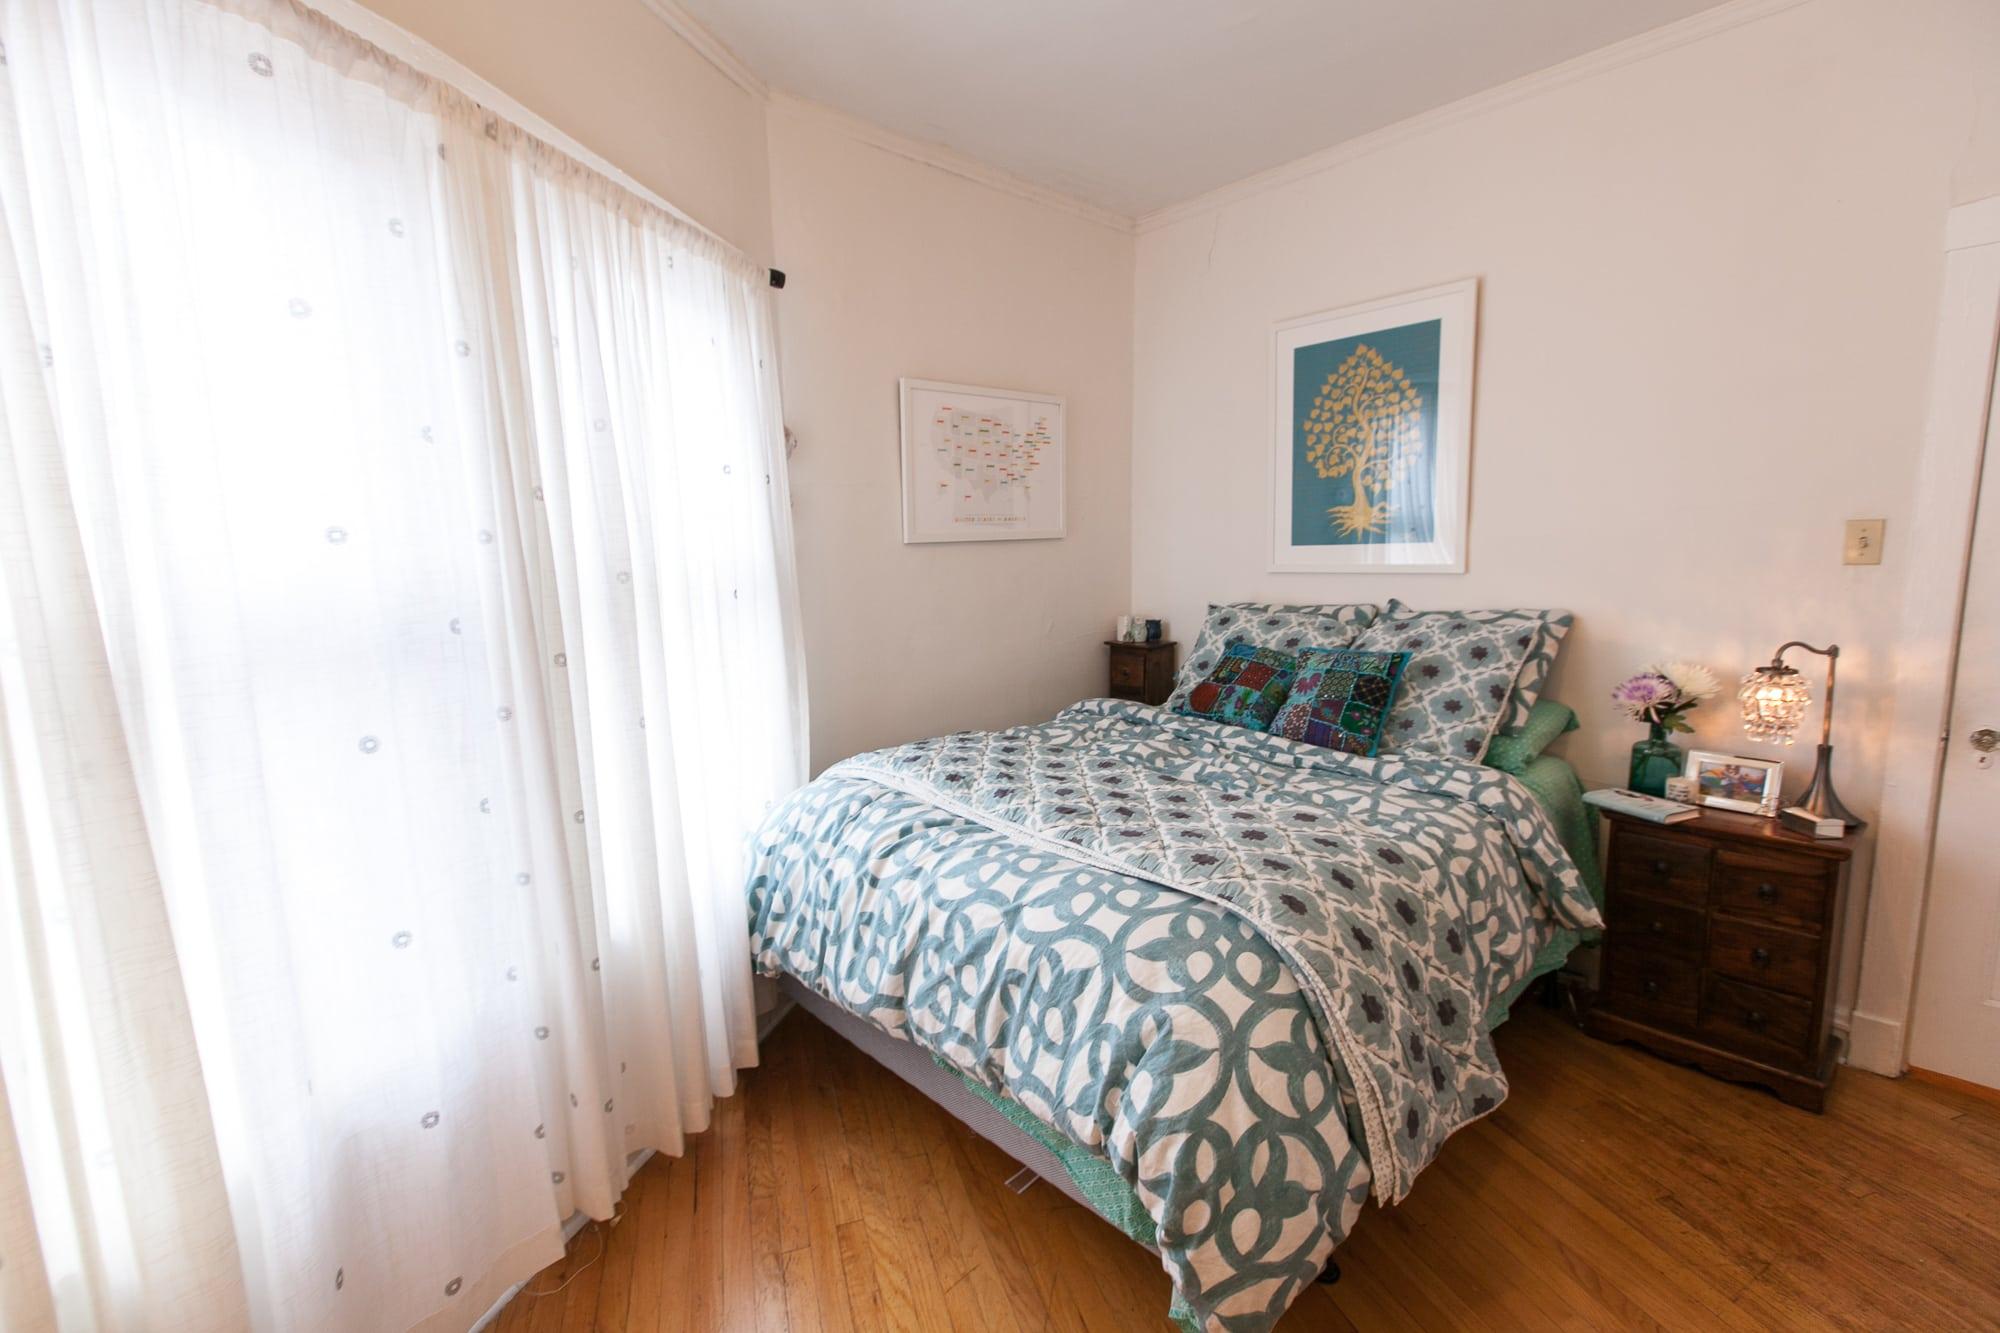 valryland-bedroom-022